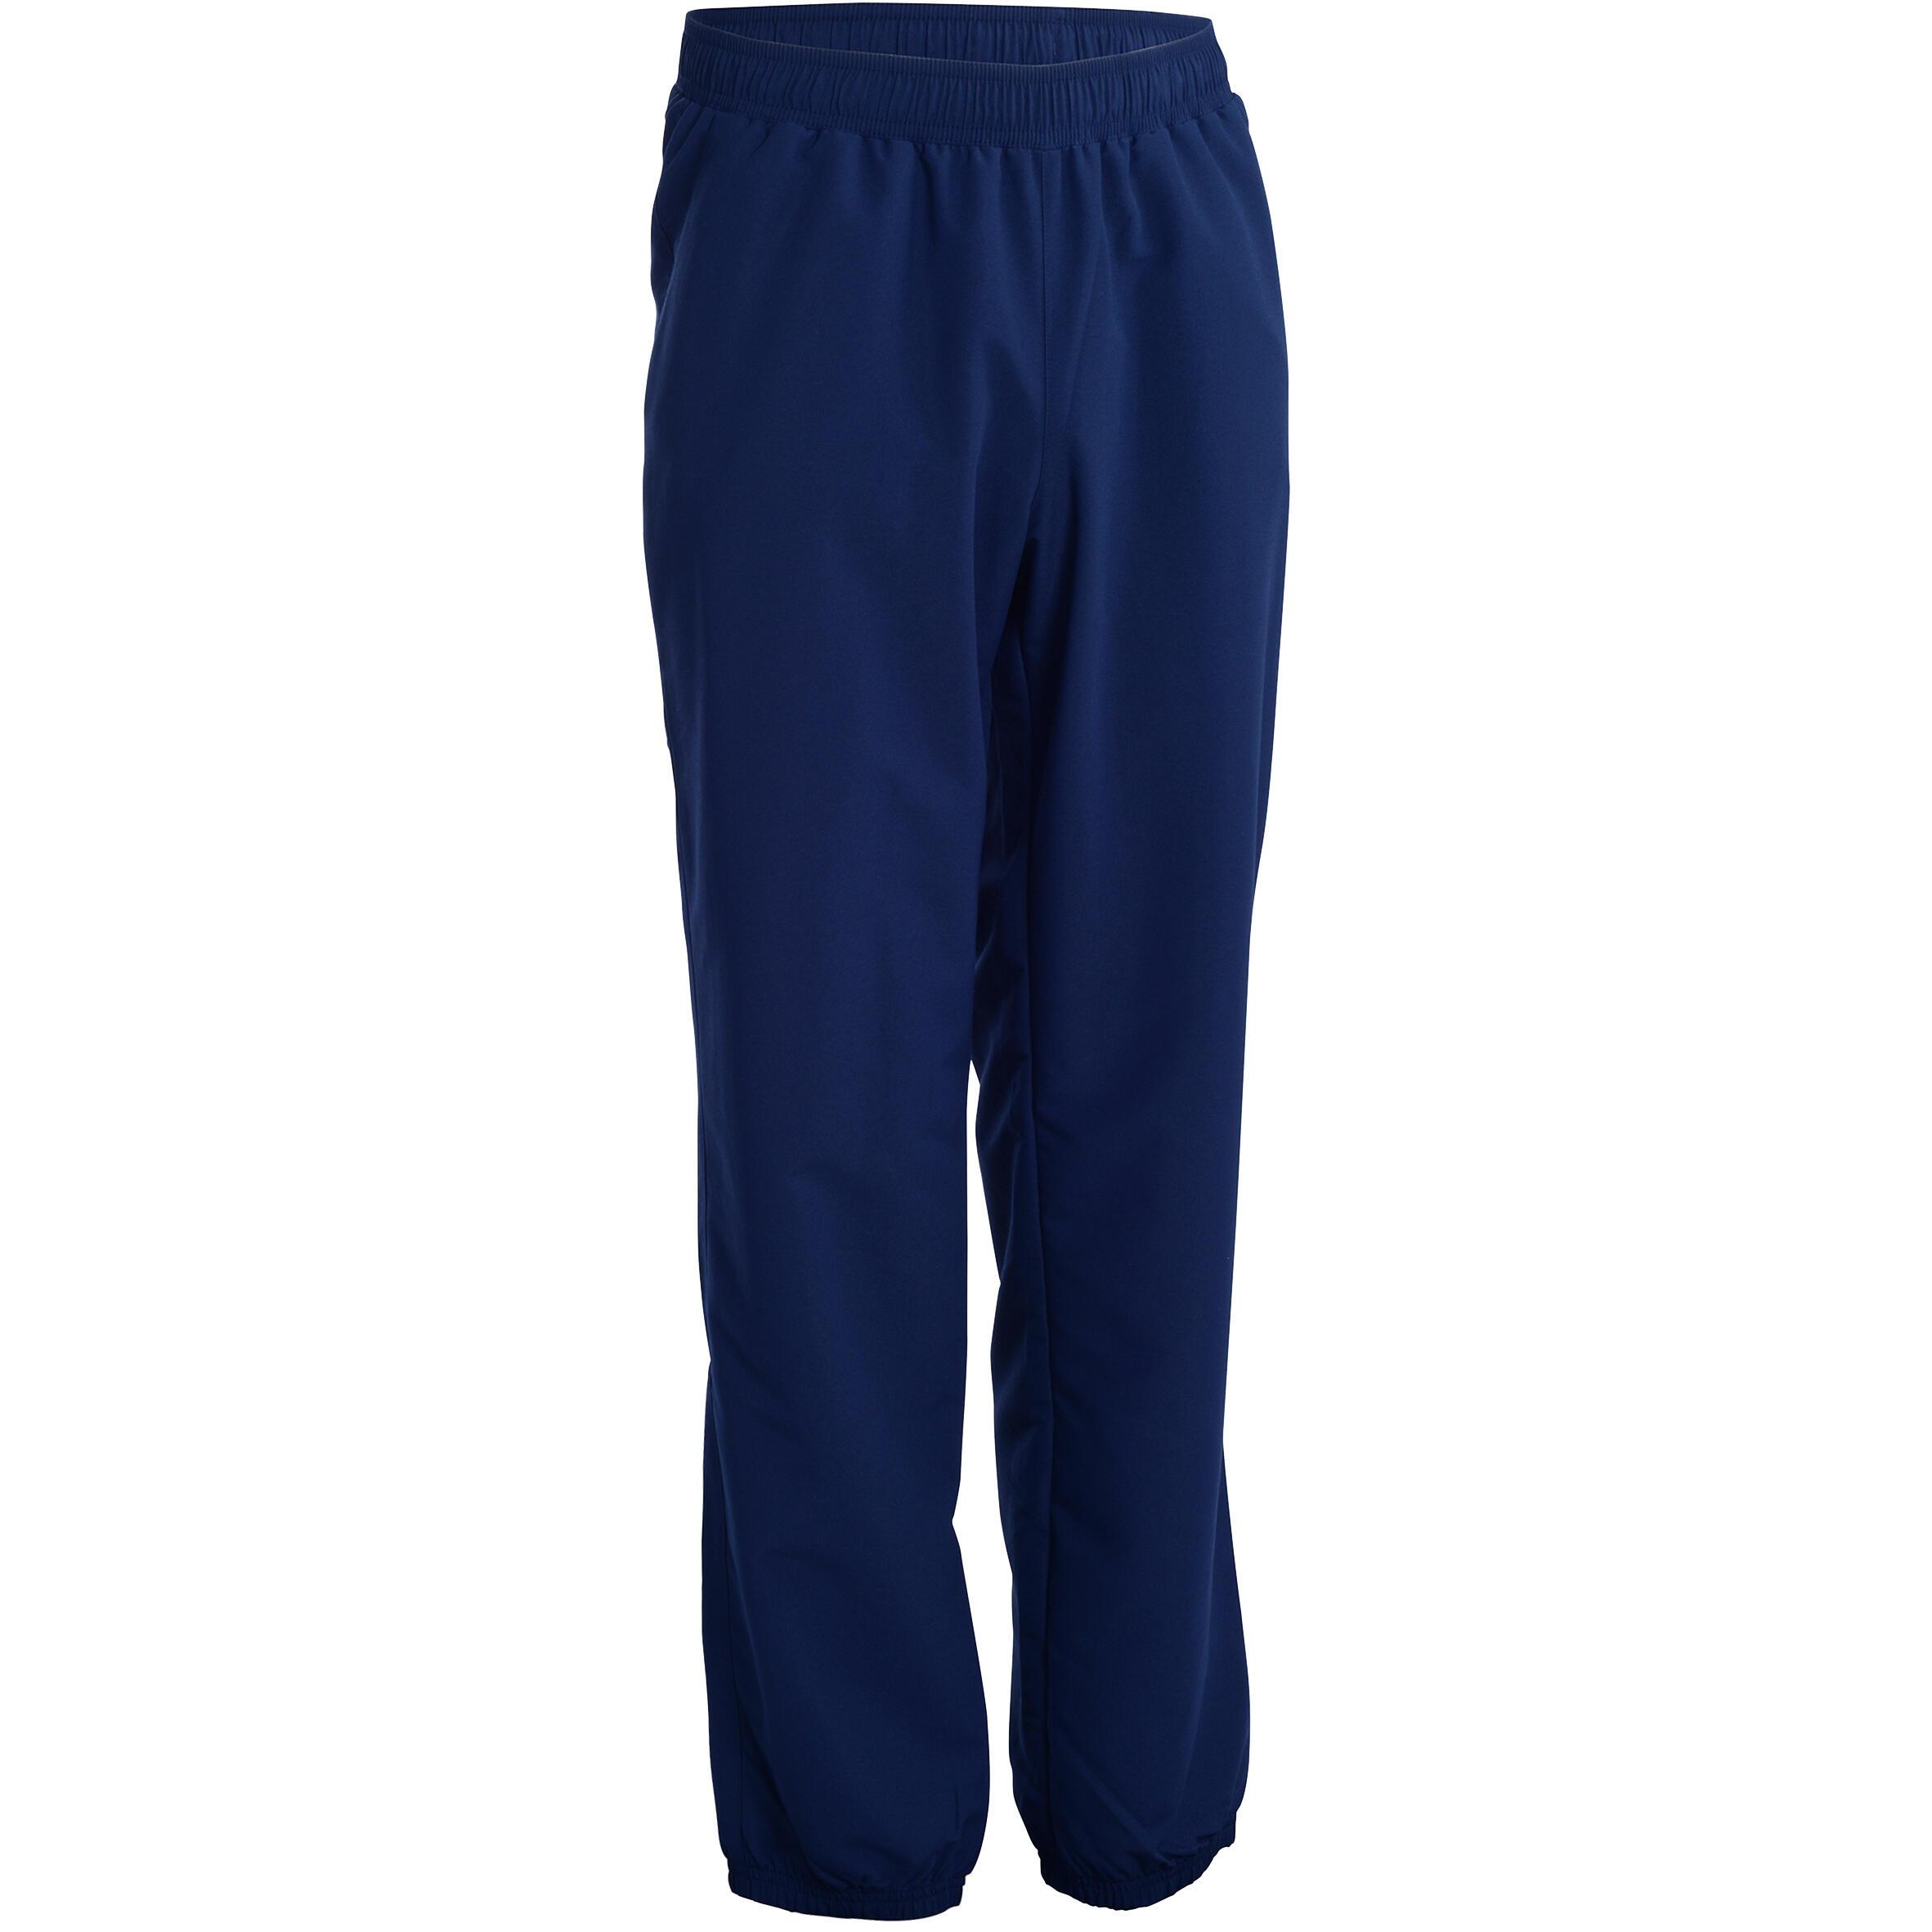 Pantalon...